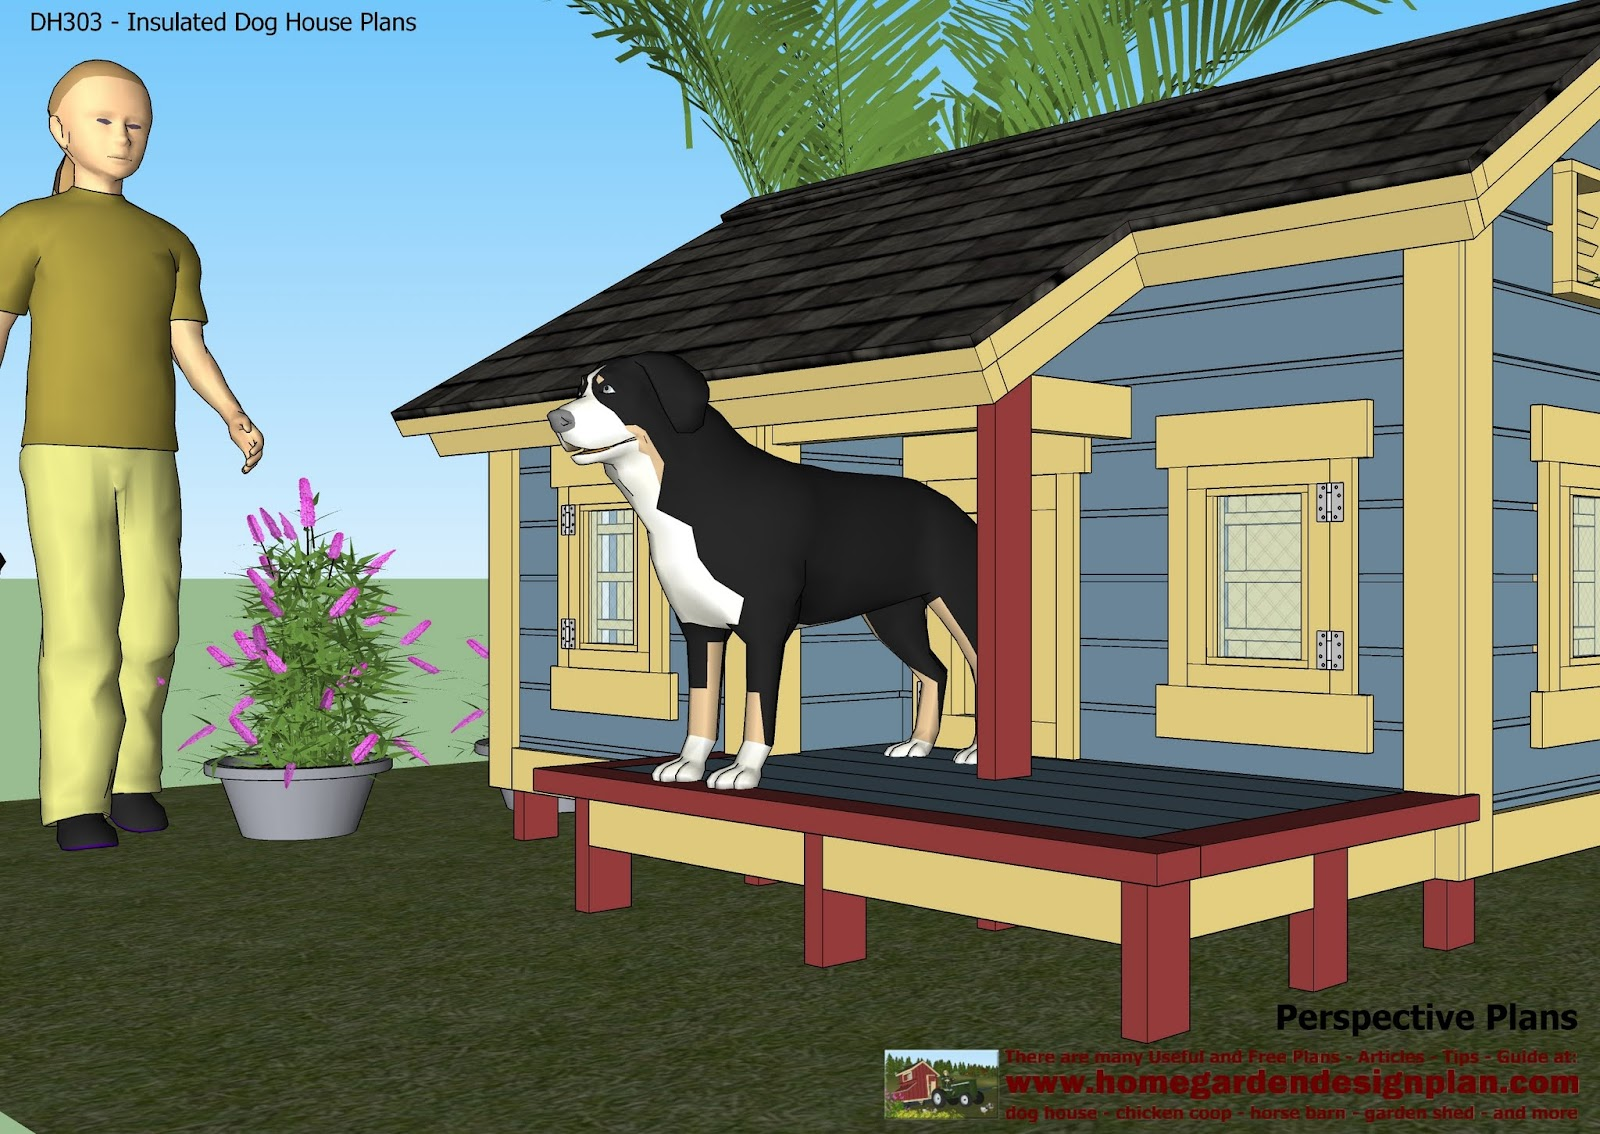 Dog House With Porch Plans Design 4moltqacom